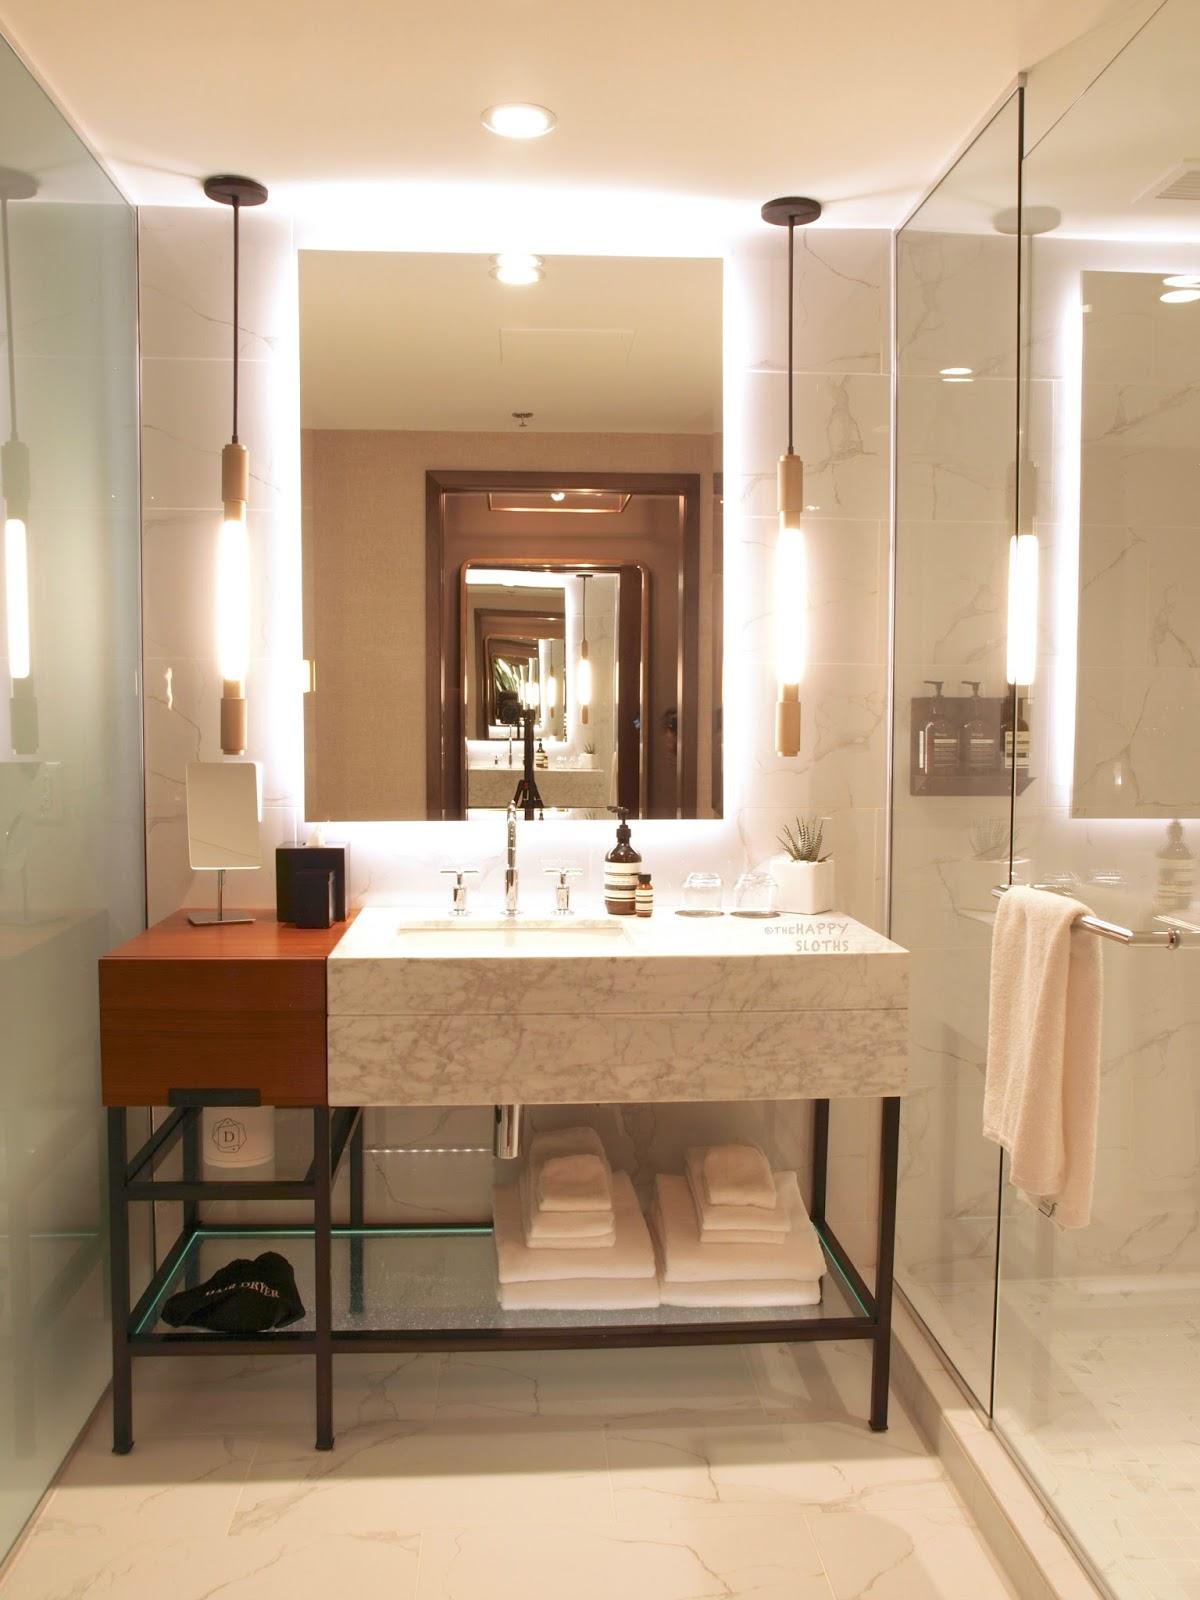 The Douglas Hotel Parq Vancouver Review